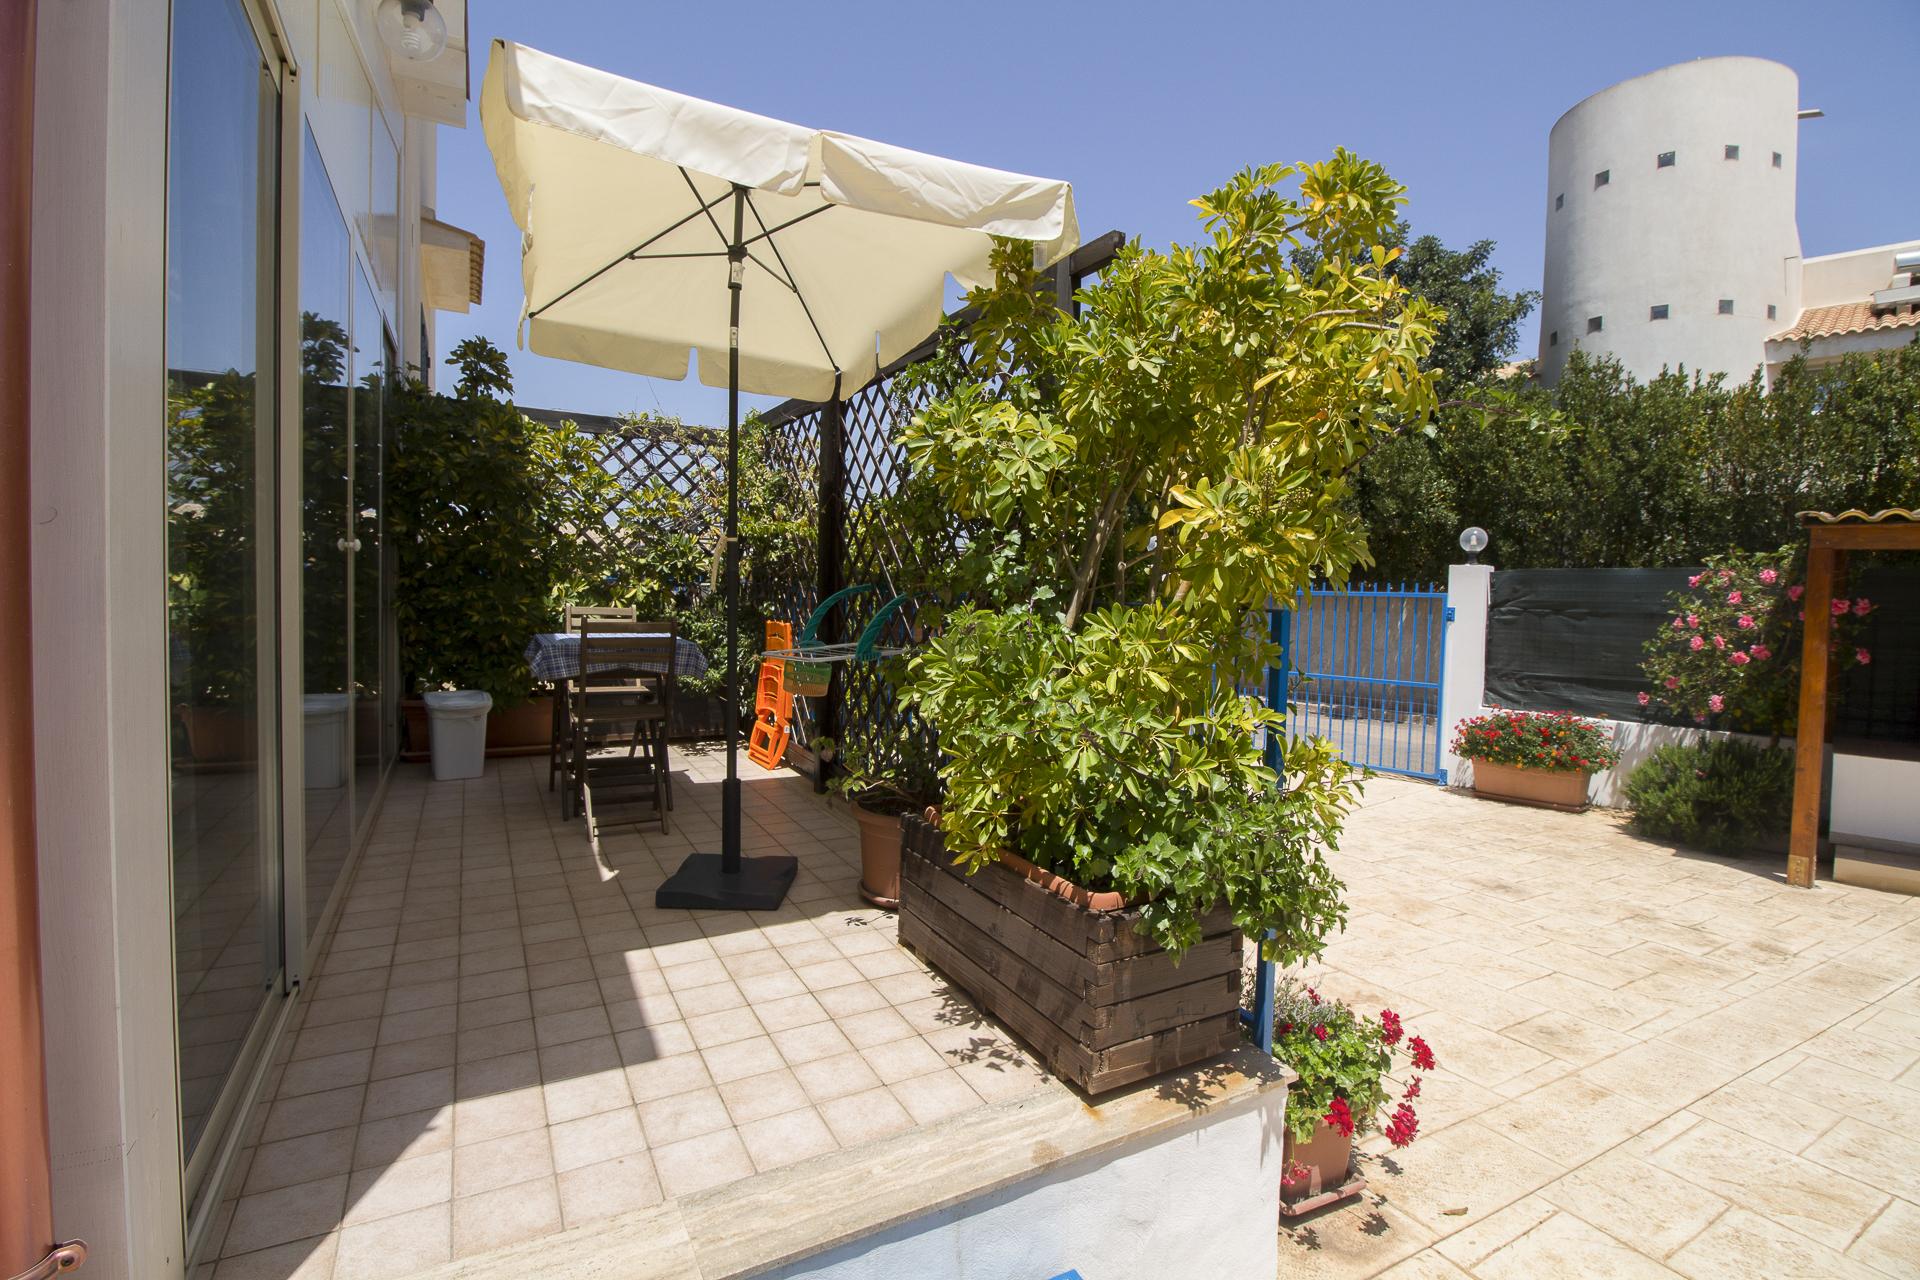 Casa vacanze Noto_sole_di_Sicilia_hotel_noto_marina_vacanze_noto_avola_siracusa_marzamemi_B&B_noto_camere_appartamenti_noto_mare_40